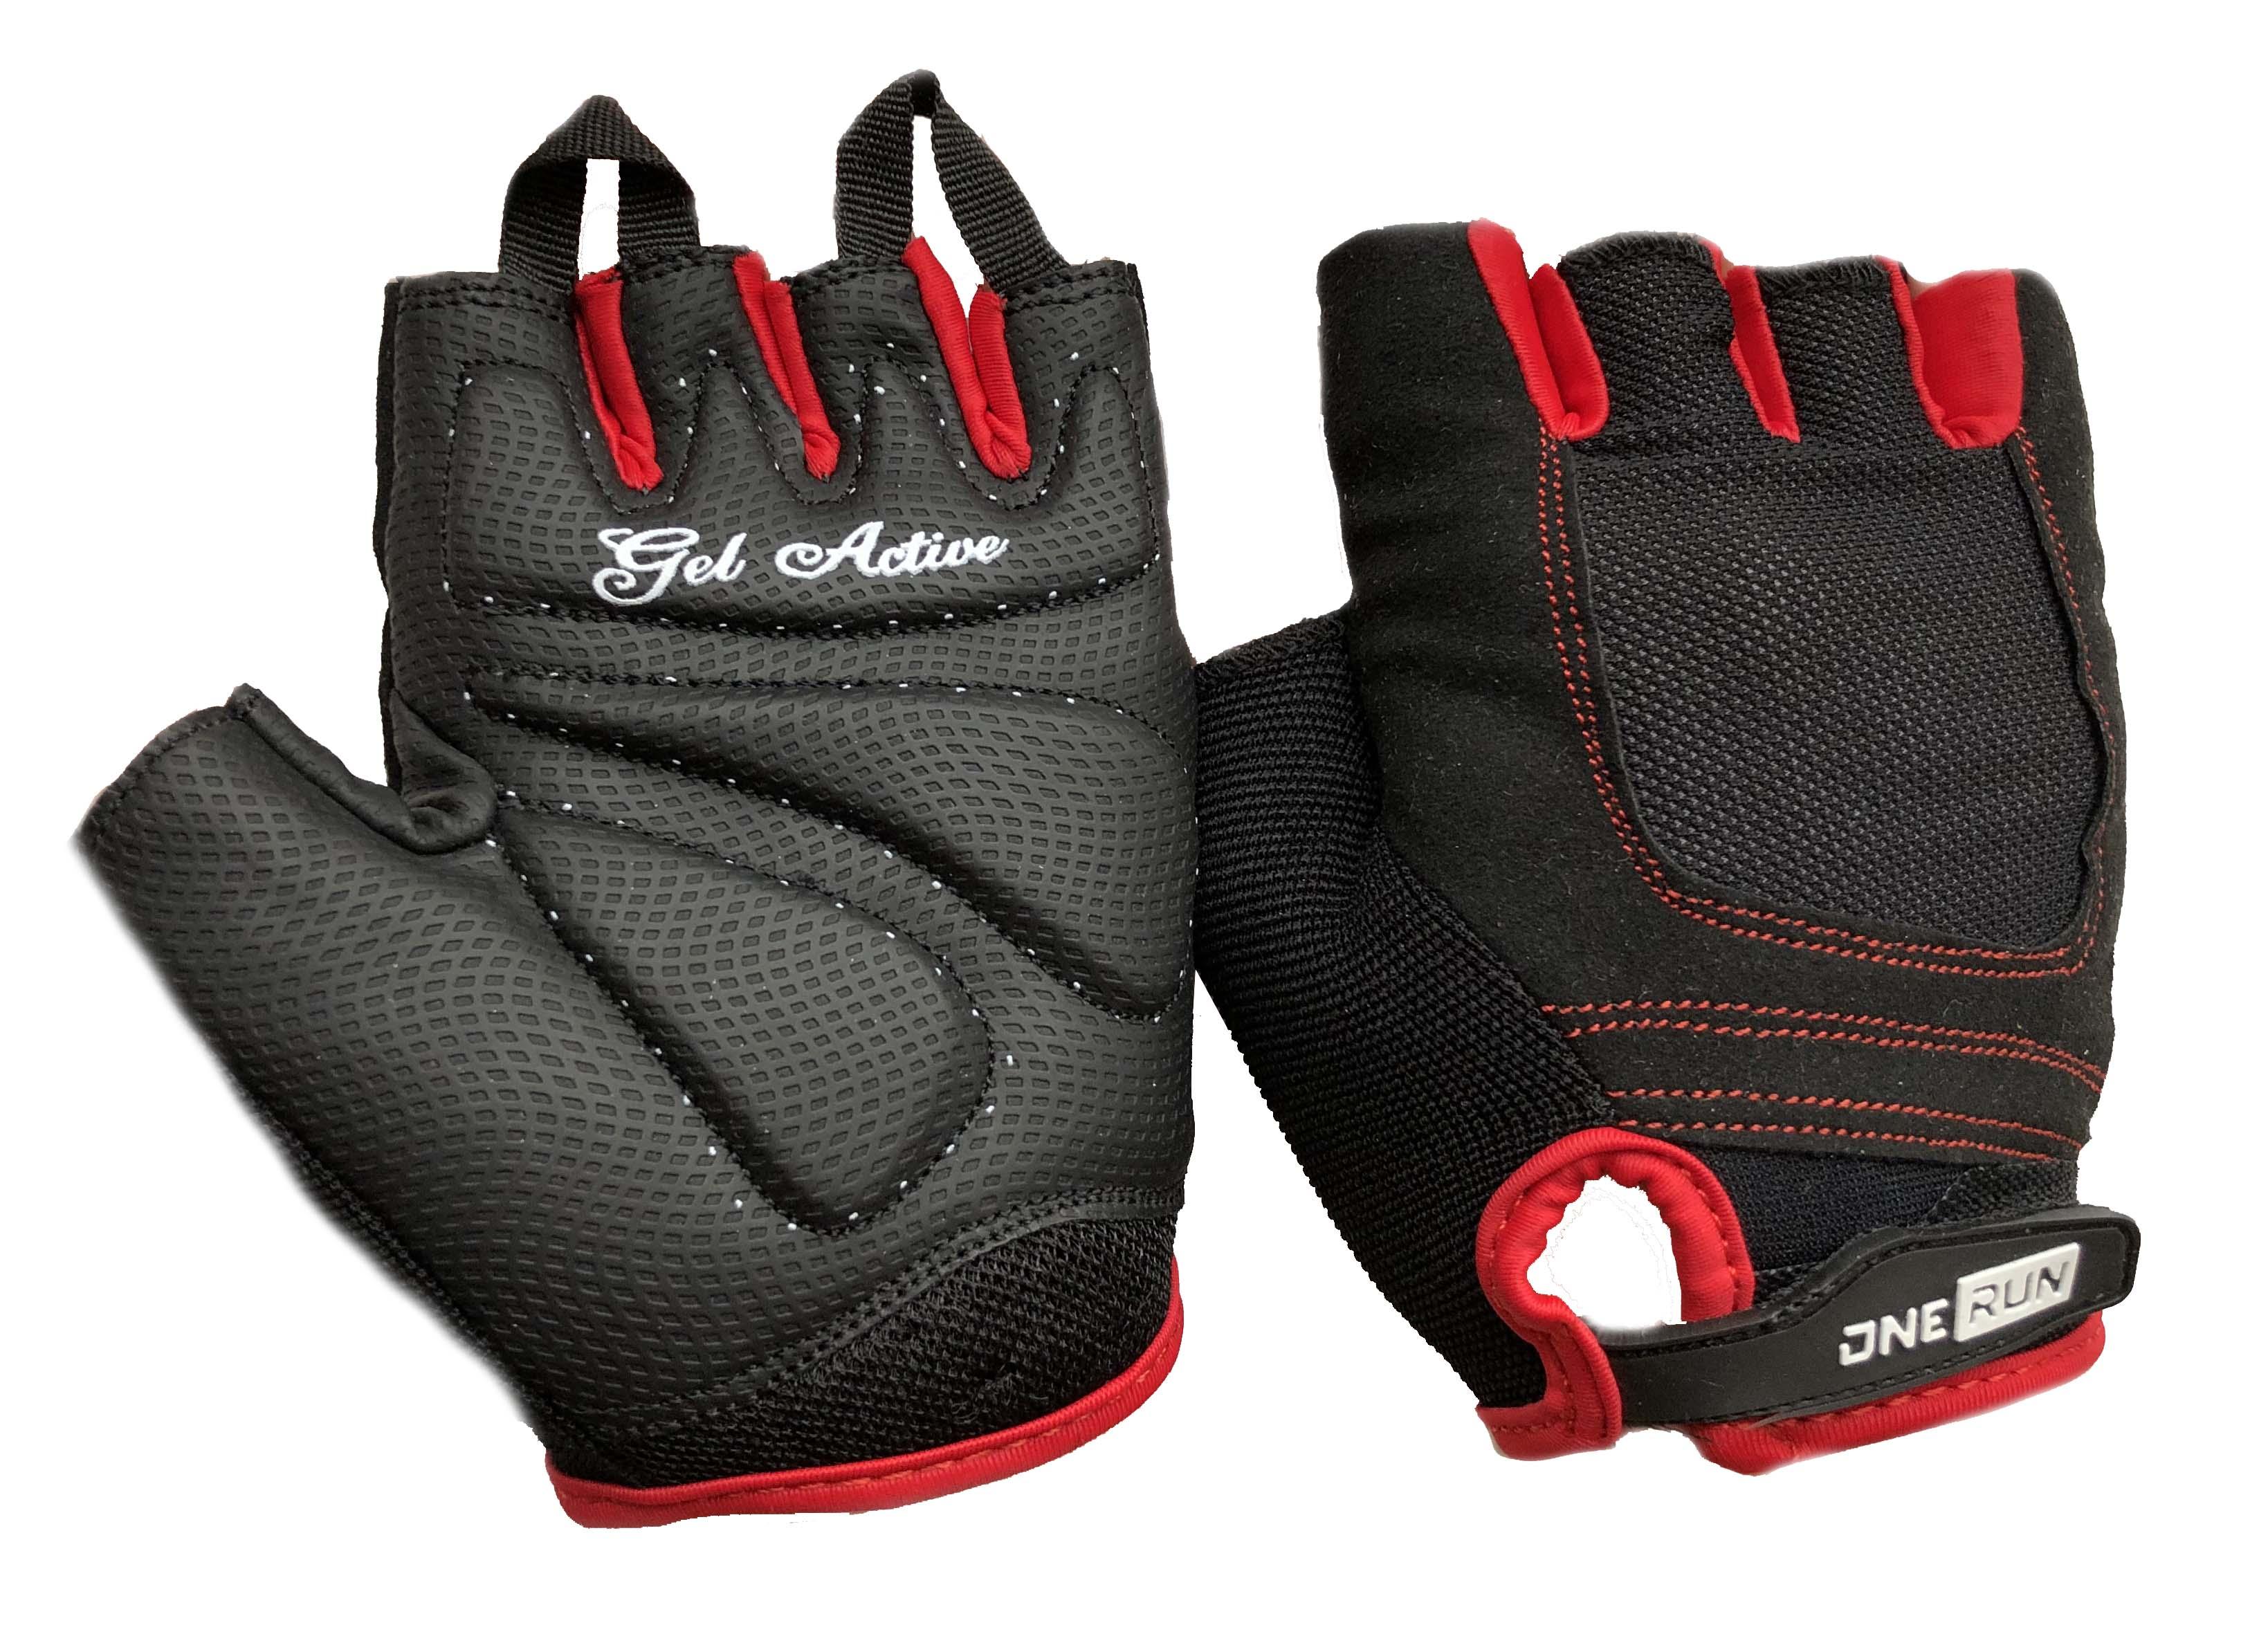 цена на Перчатки для фитнеса OneRun женские гелевые, AI-05-785-XS, красный, черный, размер XS